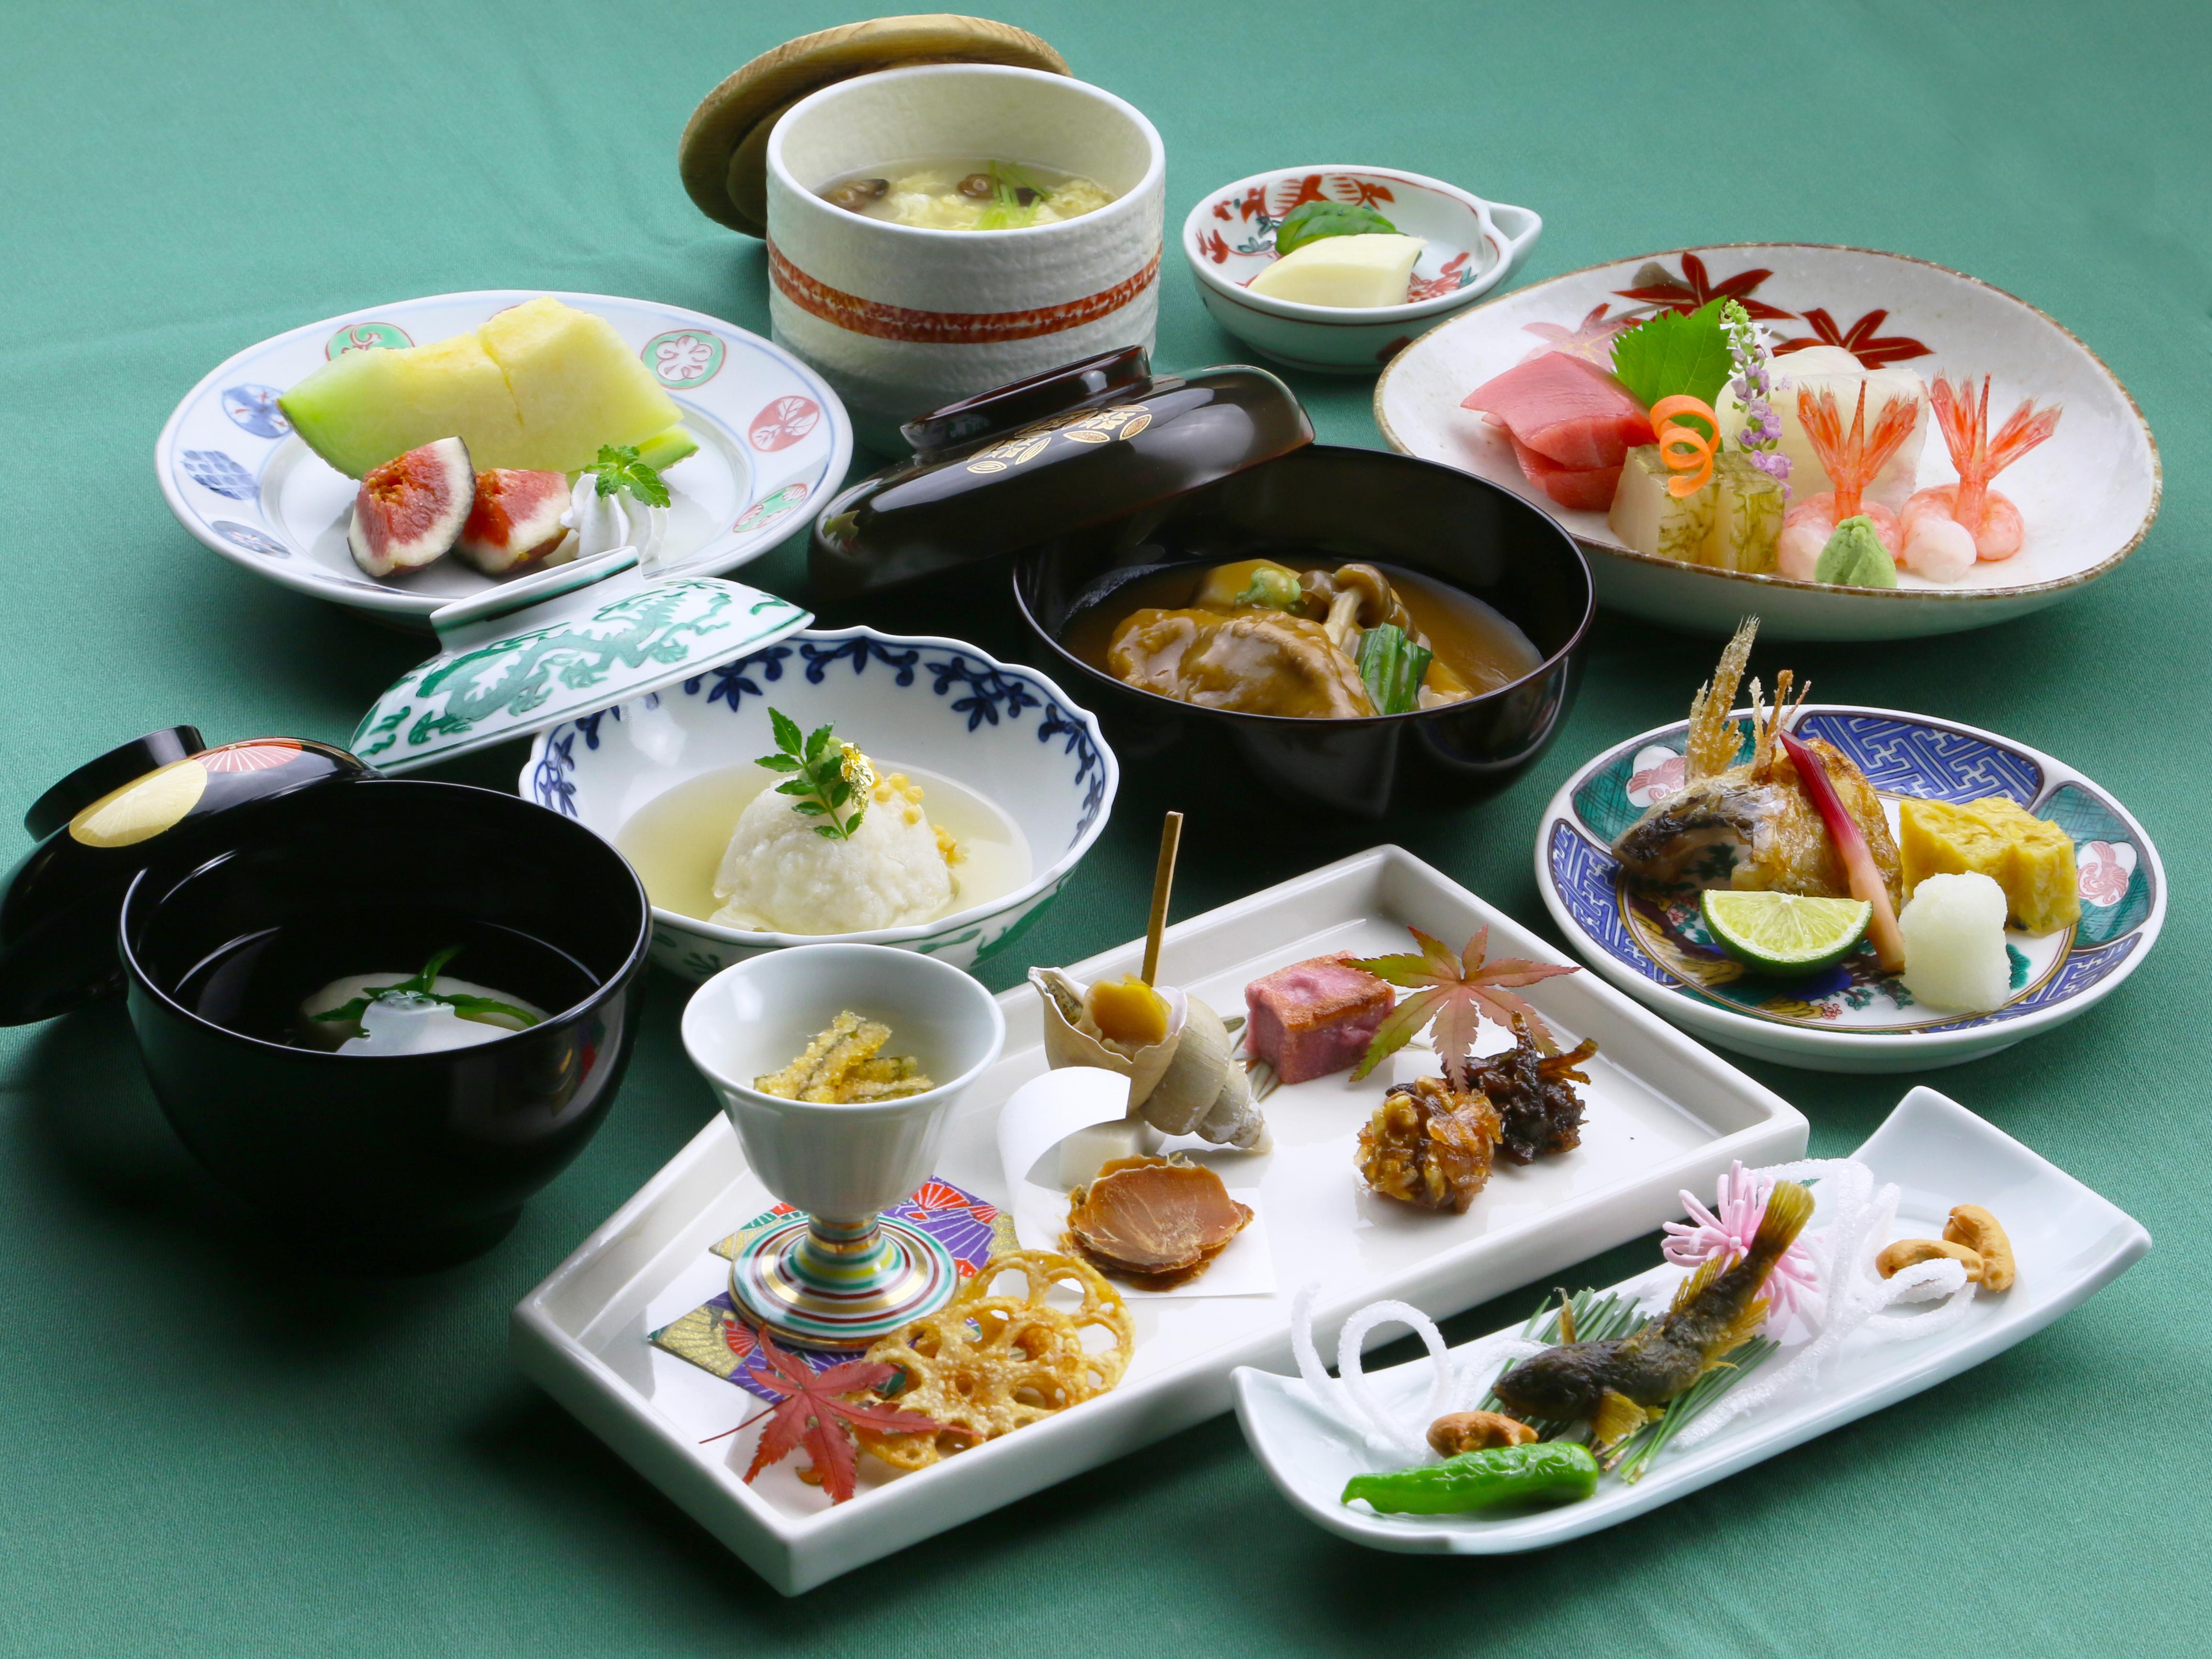 金沢国際ホテル 加賀料理「加能」 顔合わせ・結納の料理